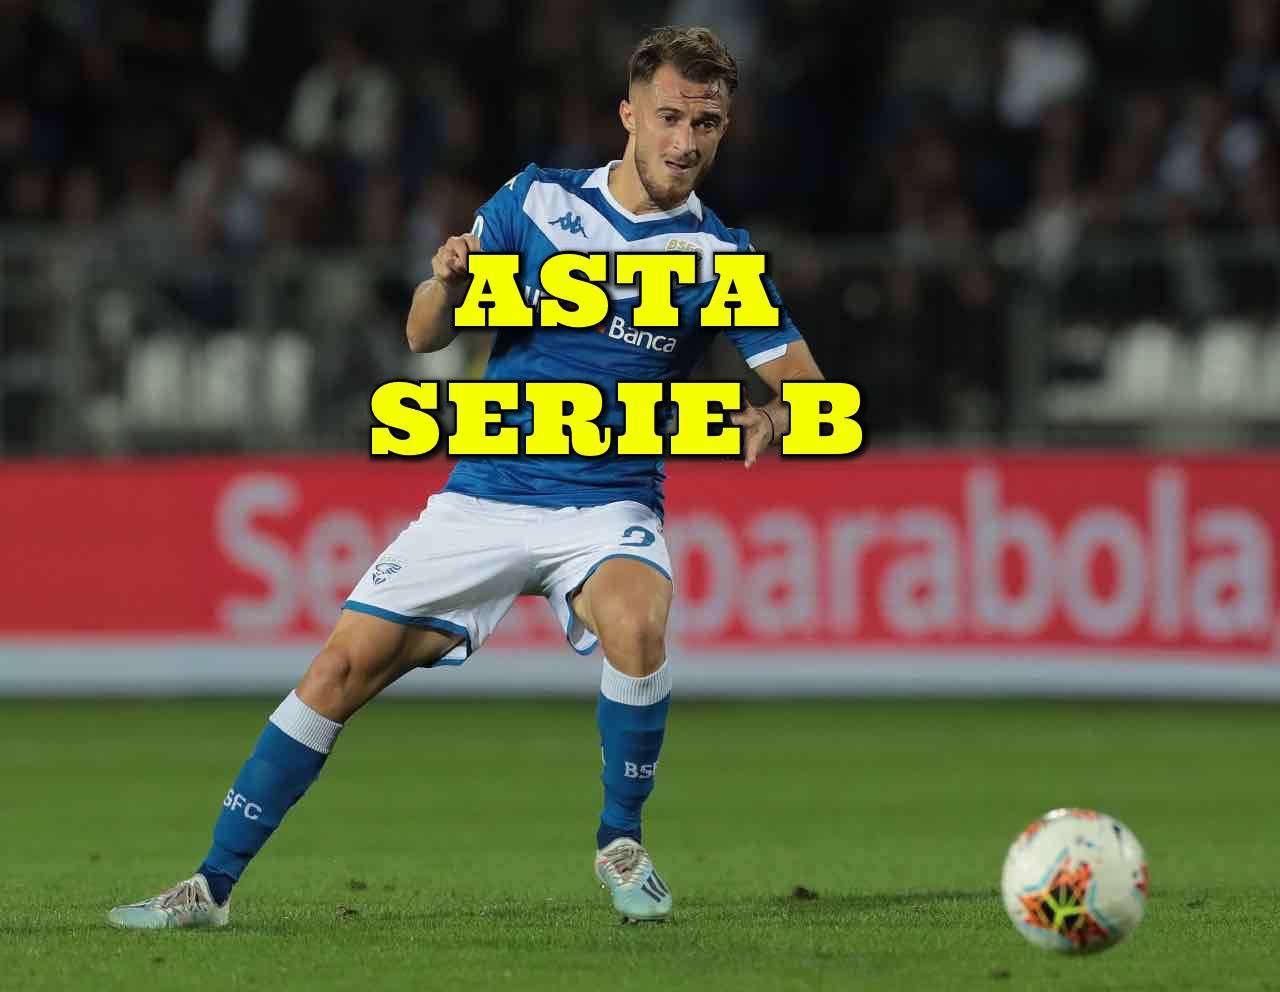 Calciomercato Serie B Donnarumma Benevento Frosinone Empoli Cremonese Brescia